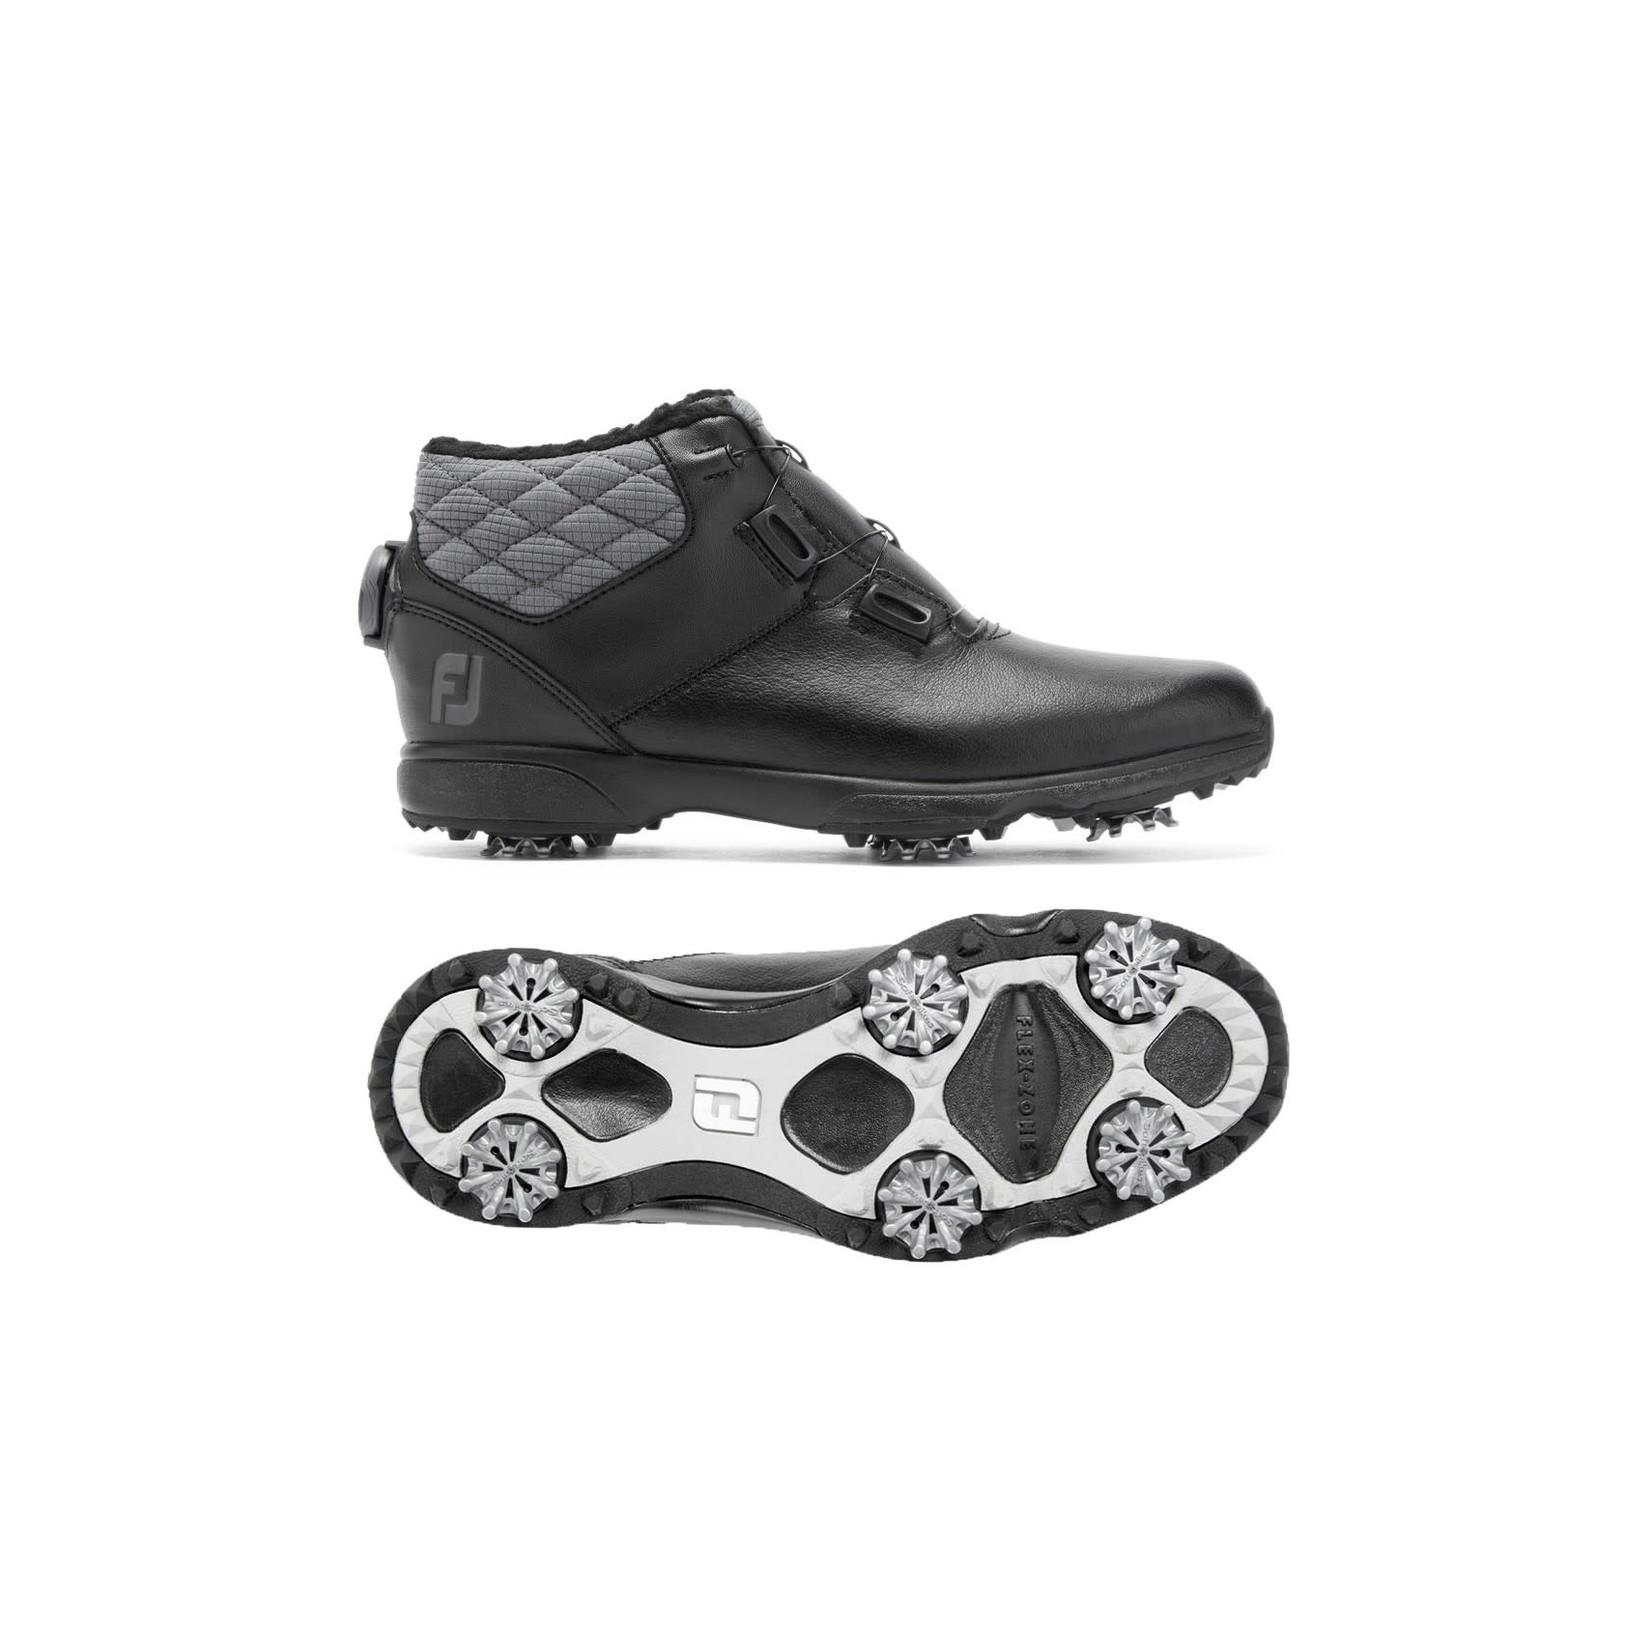 Footjoy Footjoy Boot Womens Black WIDE